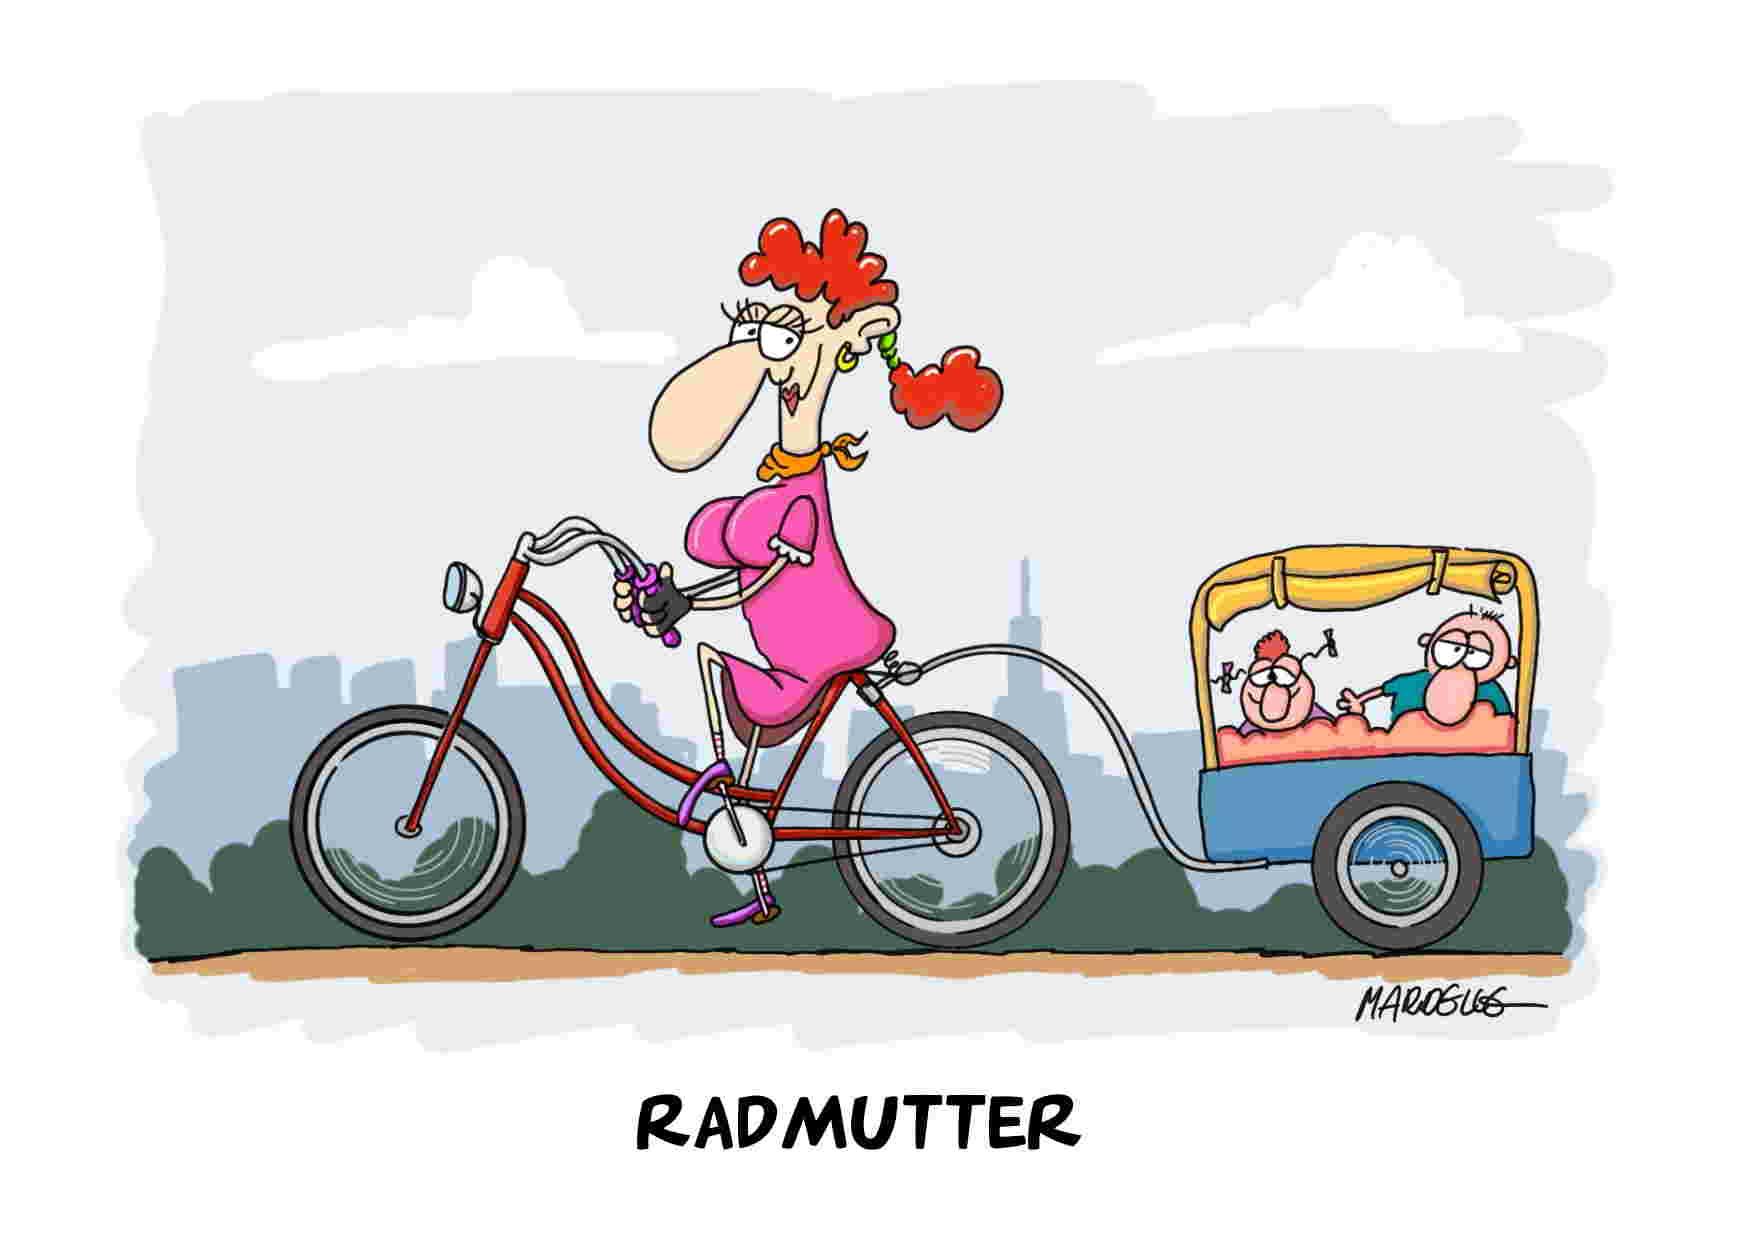 radmutter